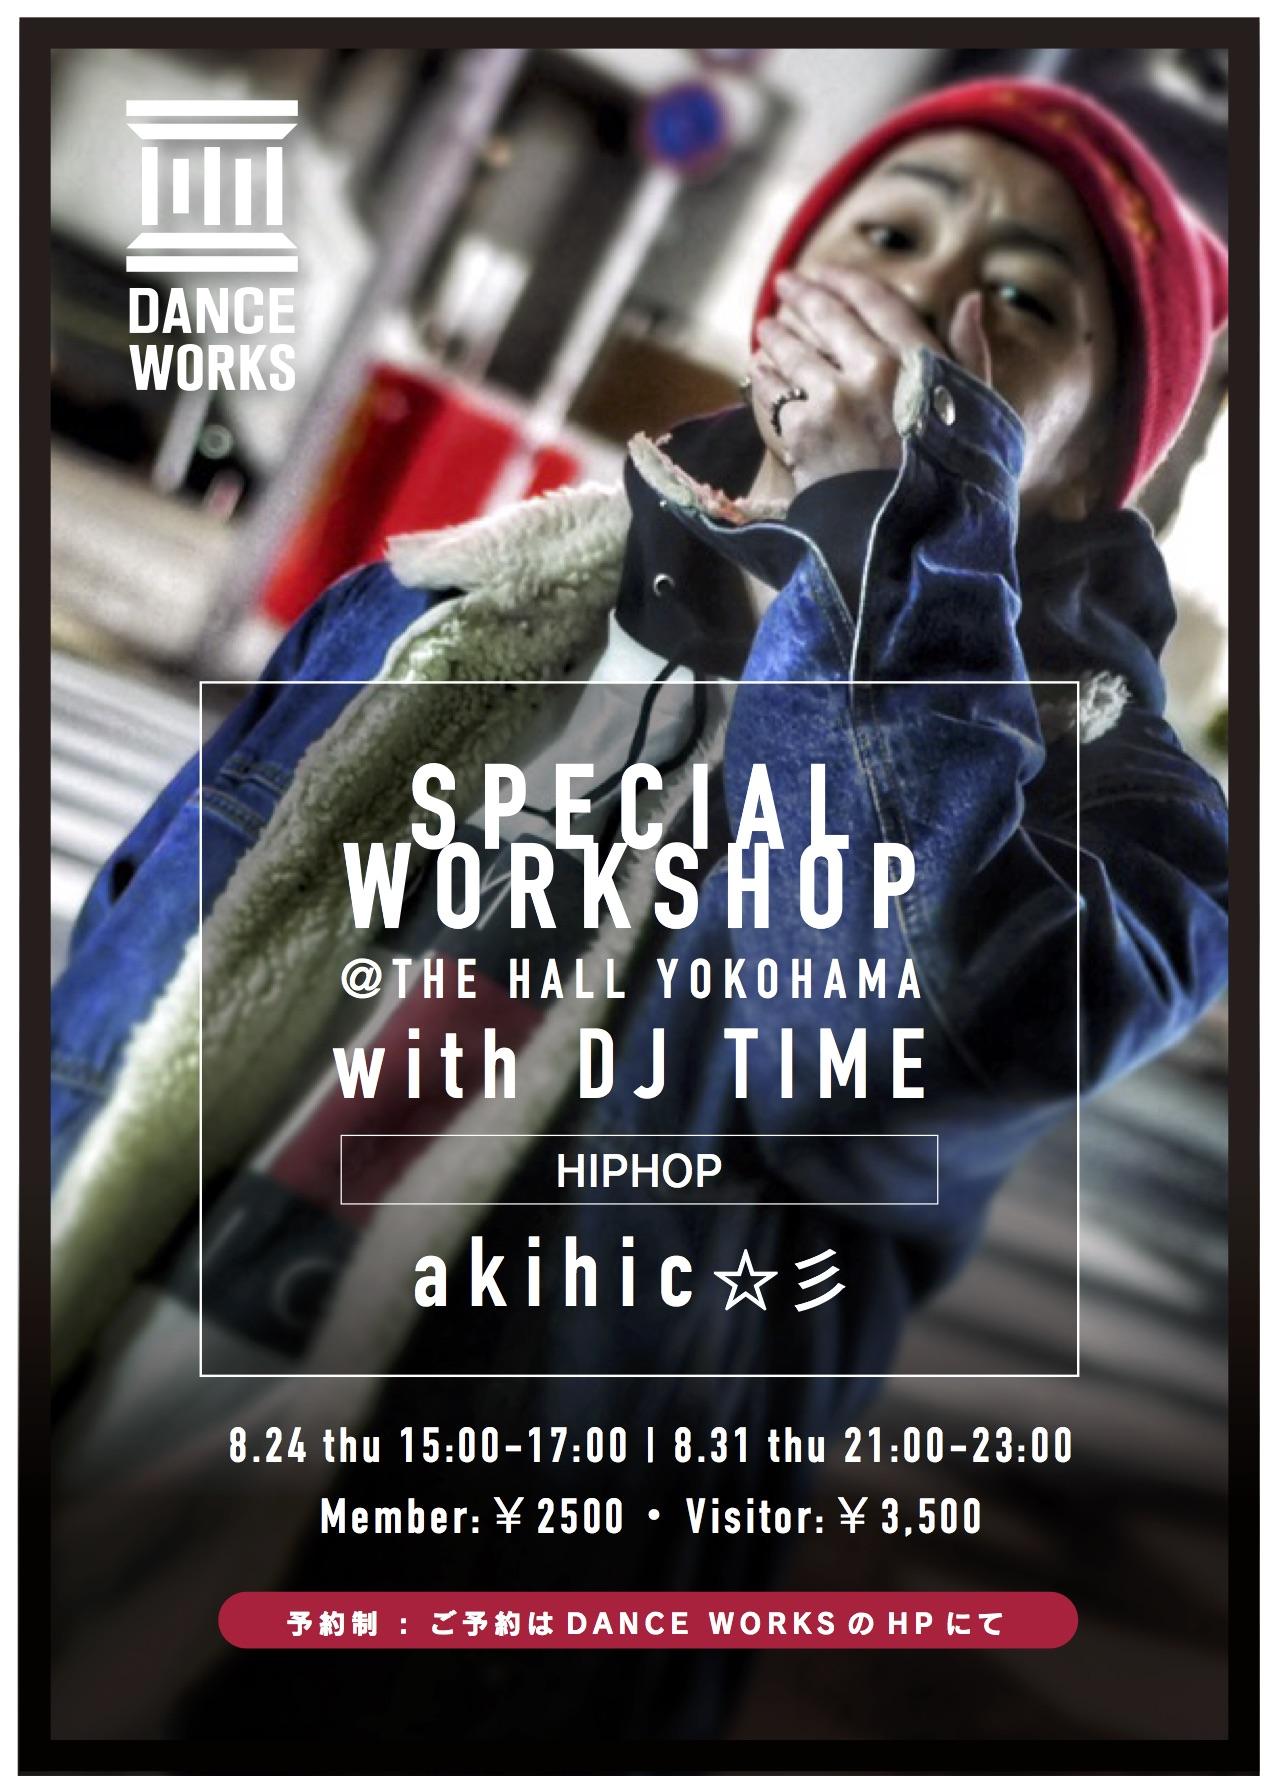 記事「akihic☆彡スペシャルワークショップ!! 〜with DJ TIME〜」の画像